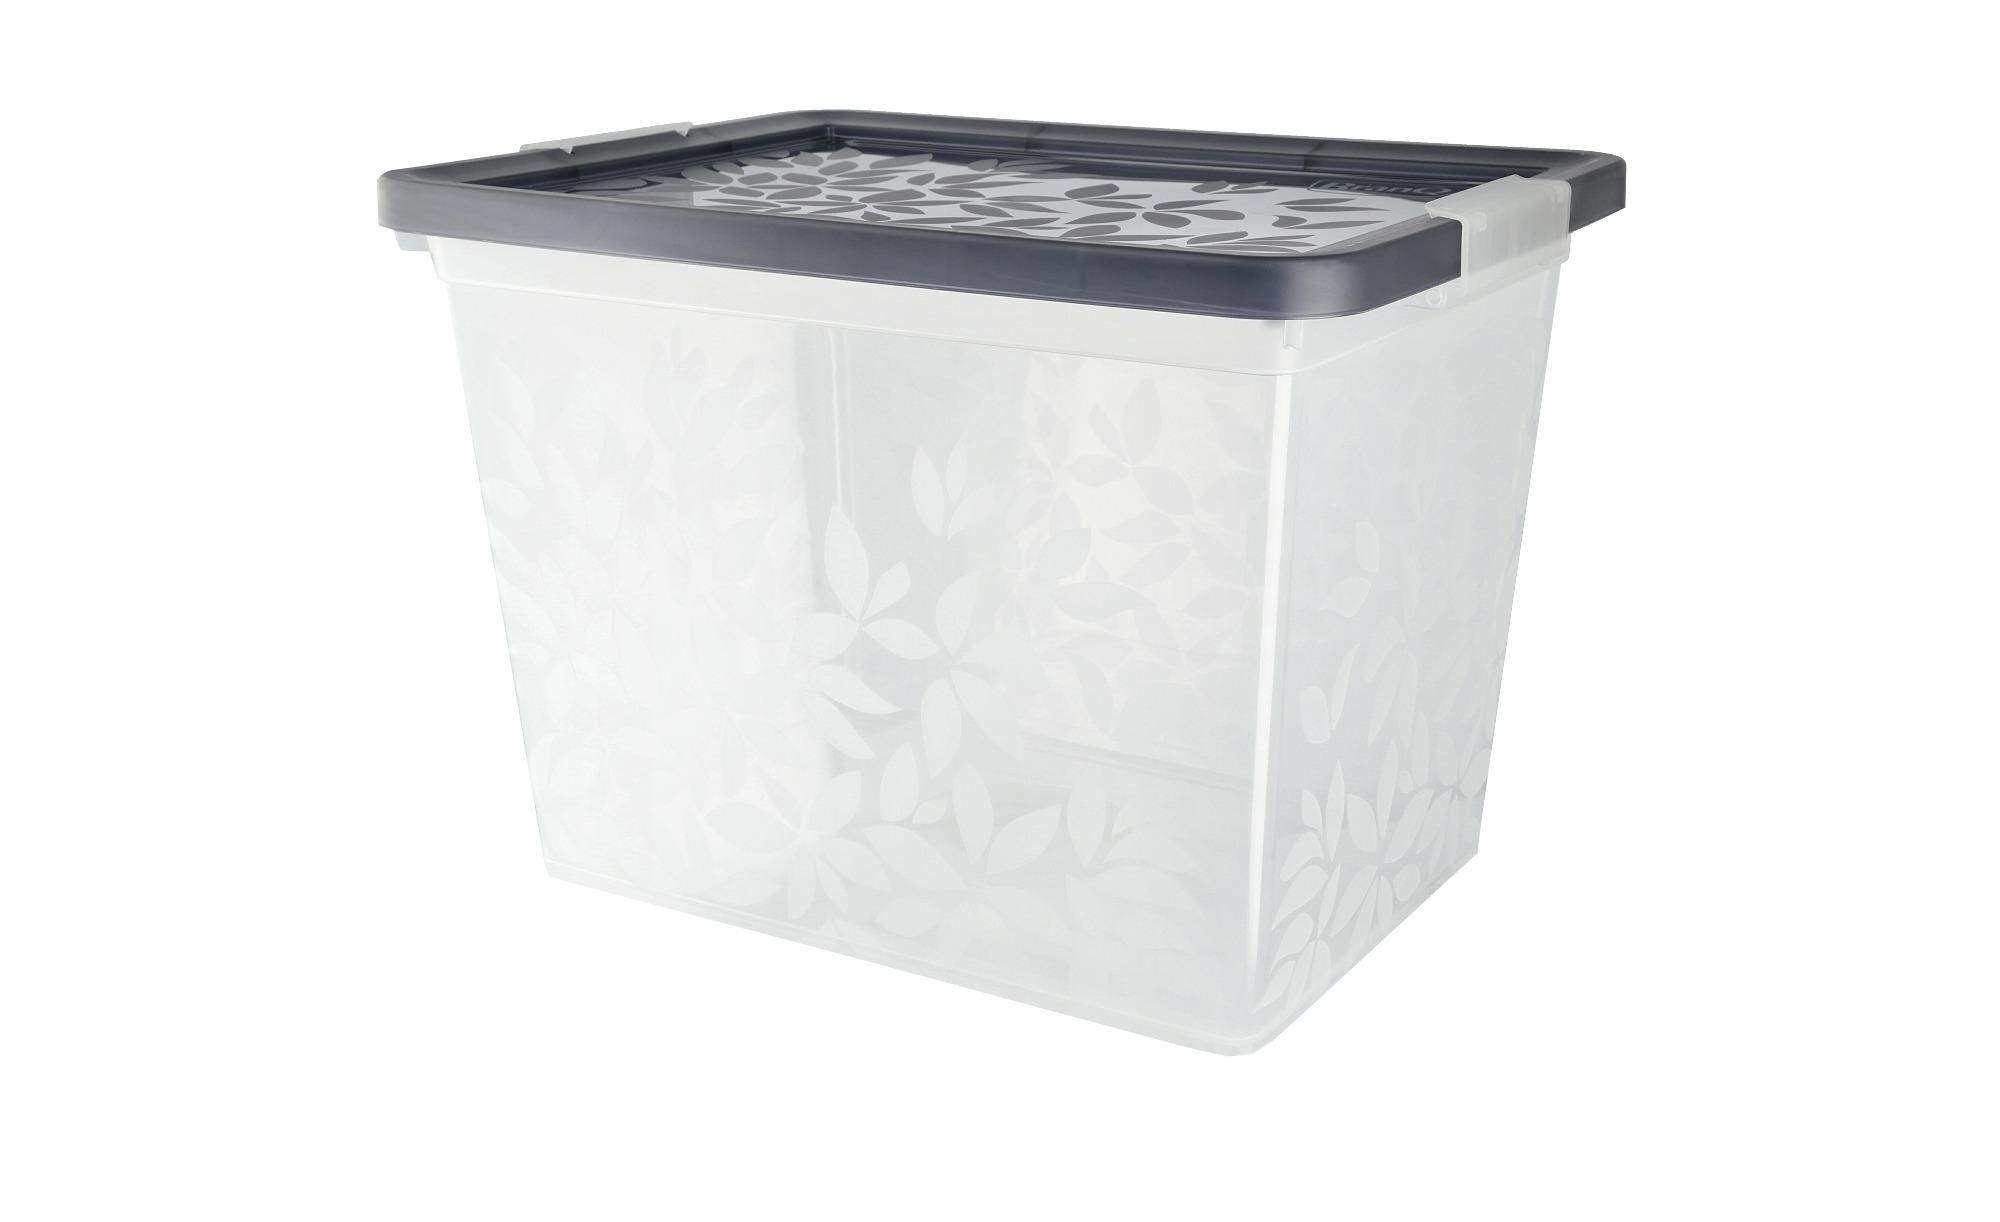 Aufbewahrungsbox mit Deckel  Yasmin ¦ grau ¦ Kunststoff Aufbewahrung > Aufbewahrungsboxen > sonstige Aufbewahrungsmittel - Höffner